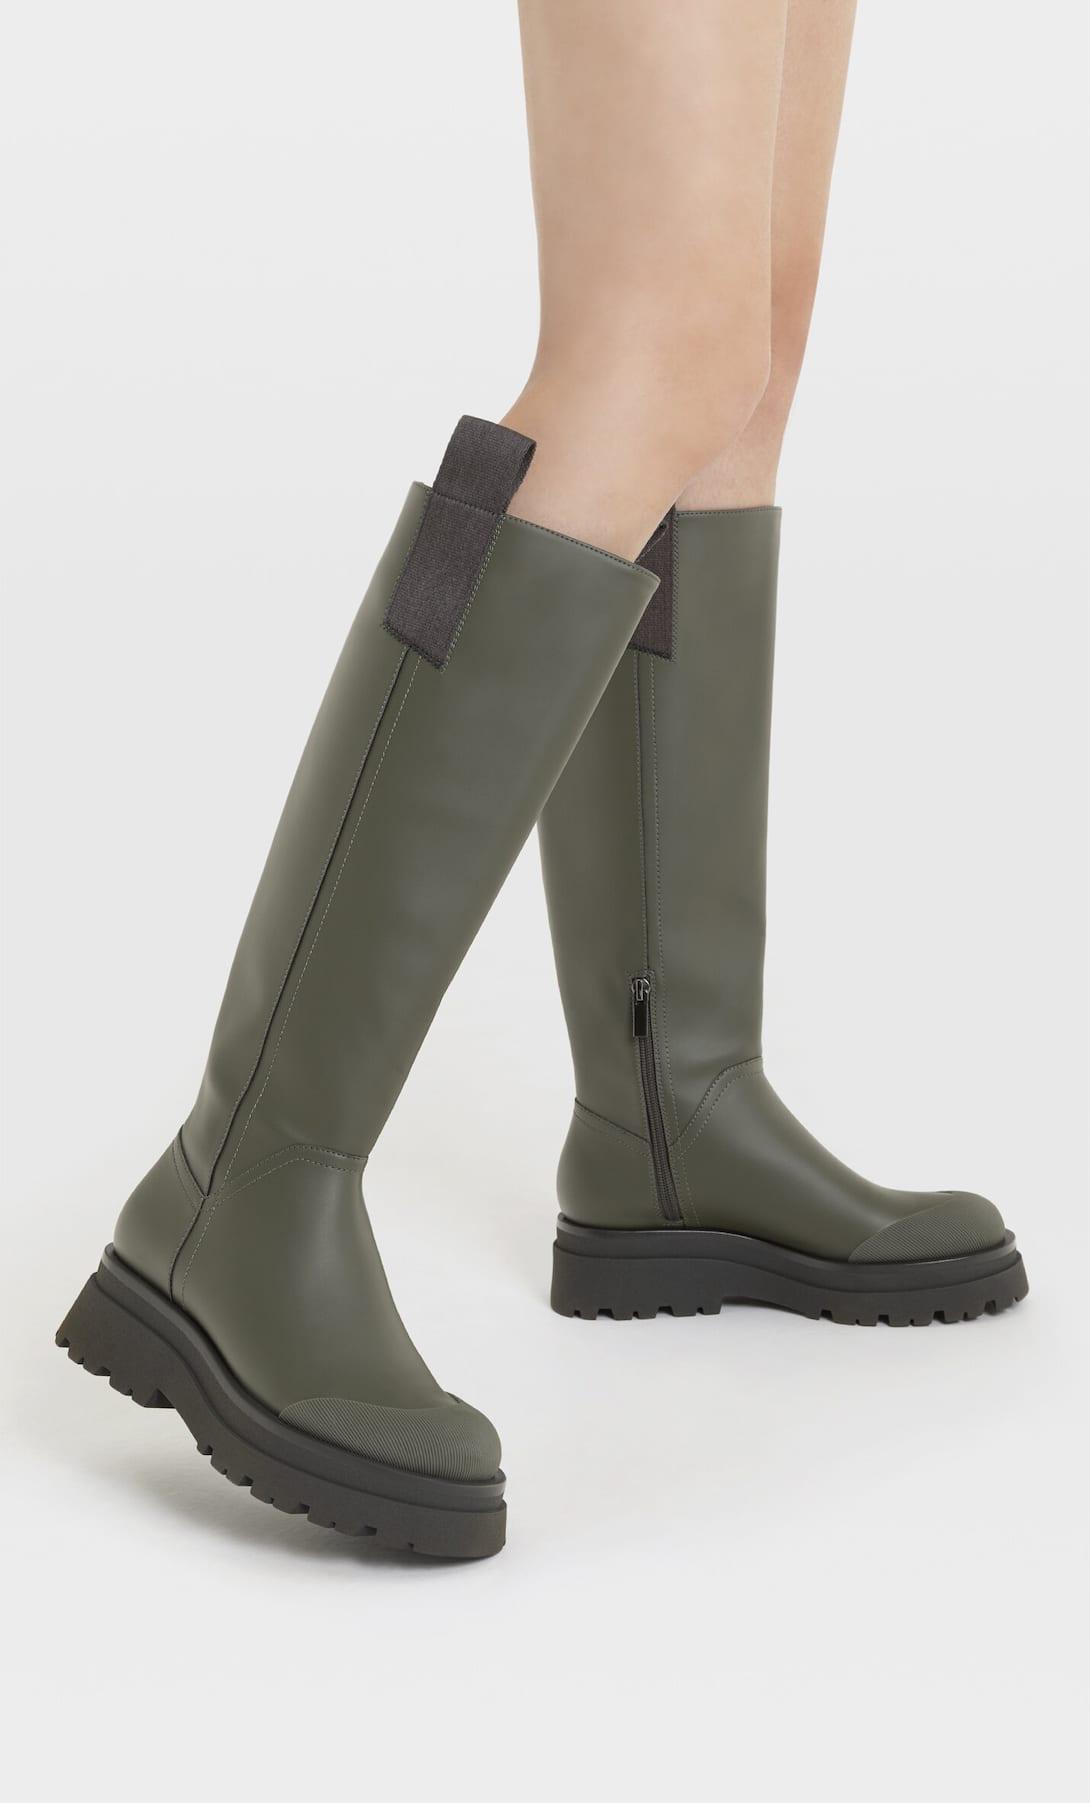 La alternativa al éxito de ventas de Zara, las botas de agua de Stradivarius con descuento